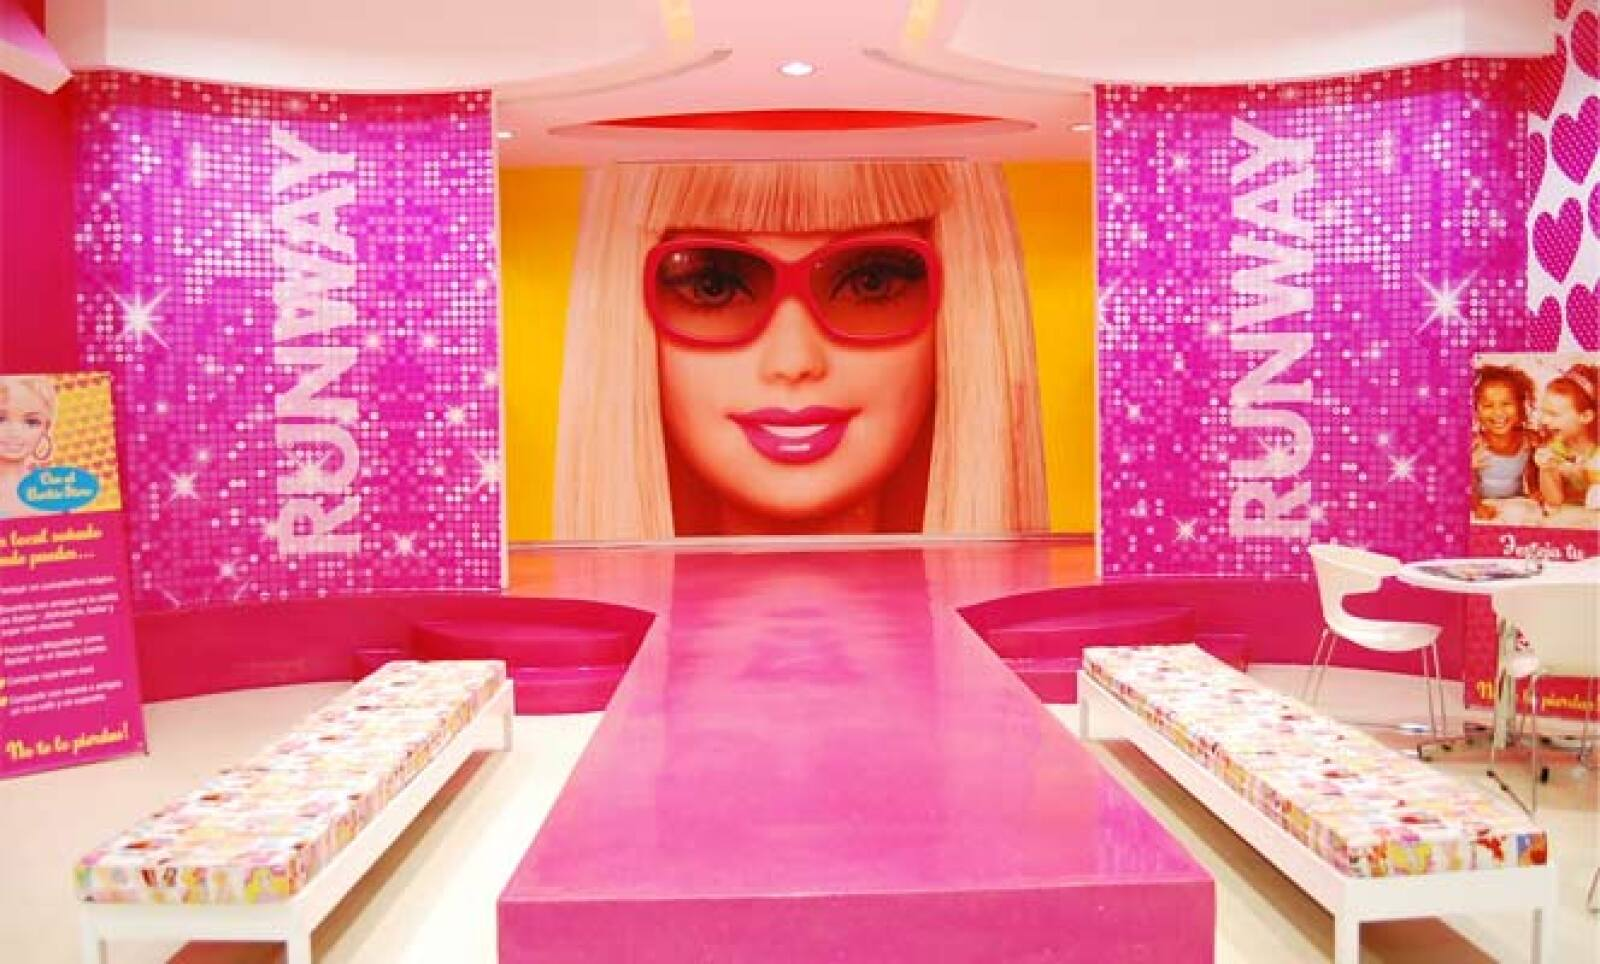 Para los papás, existe Barbie Gourmet, un espacio donde podrán disfrutar de una taza de café acompañado de un cupcake 'Barbie'.